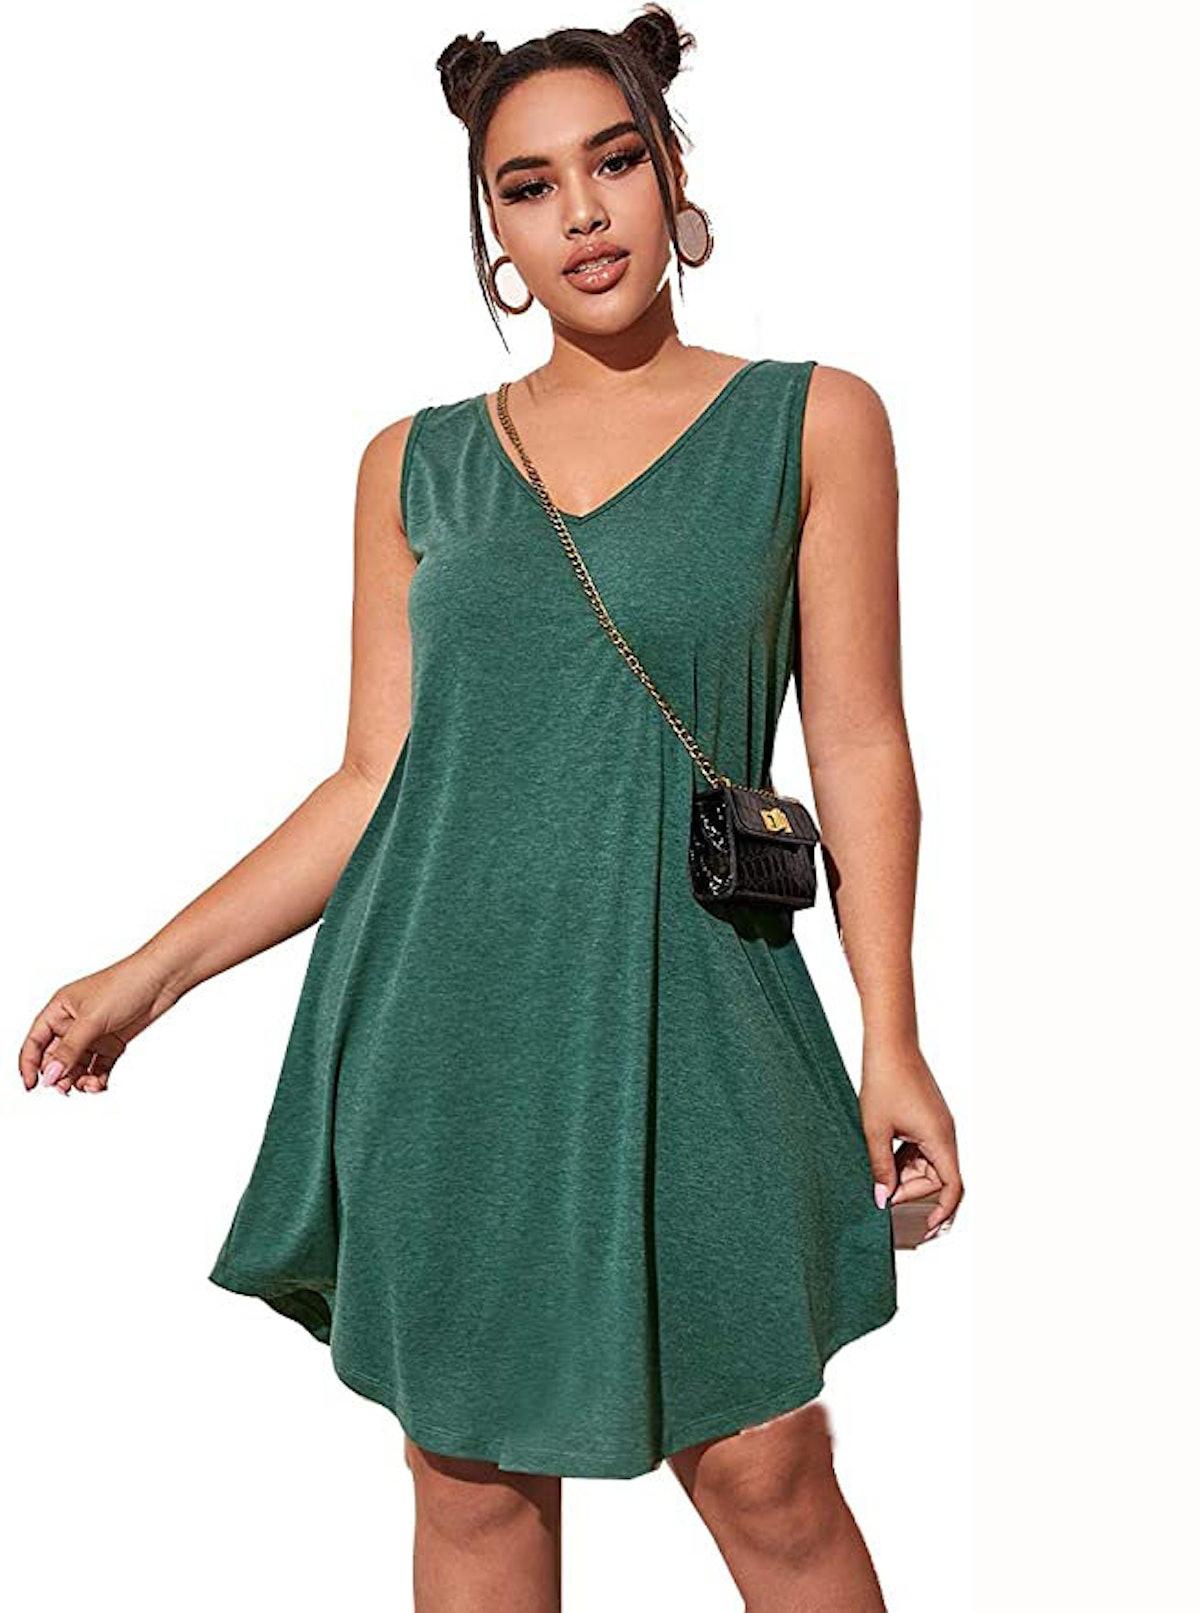 Romwe Plus Size Casual Sleeveless Dress